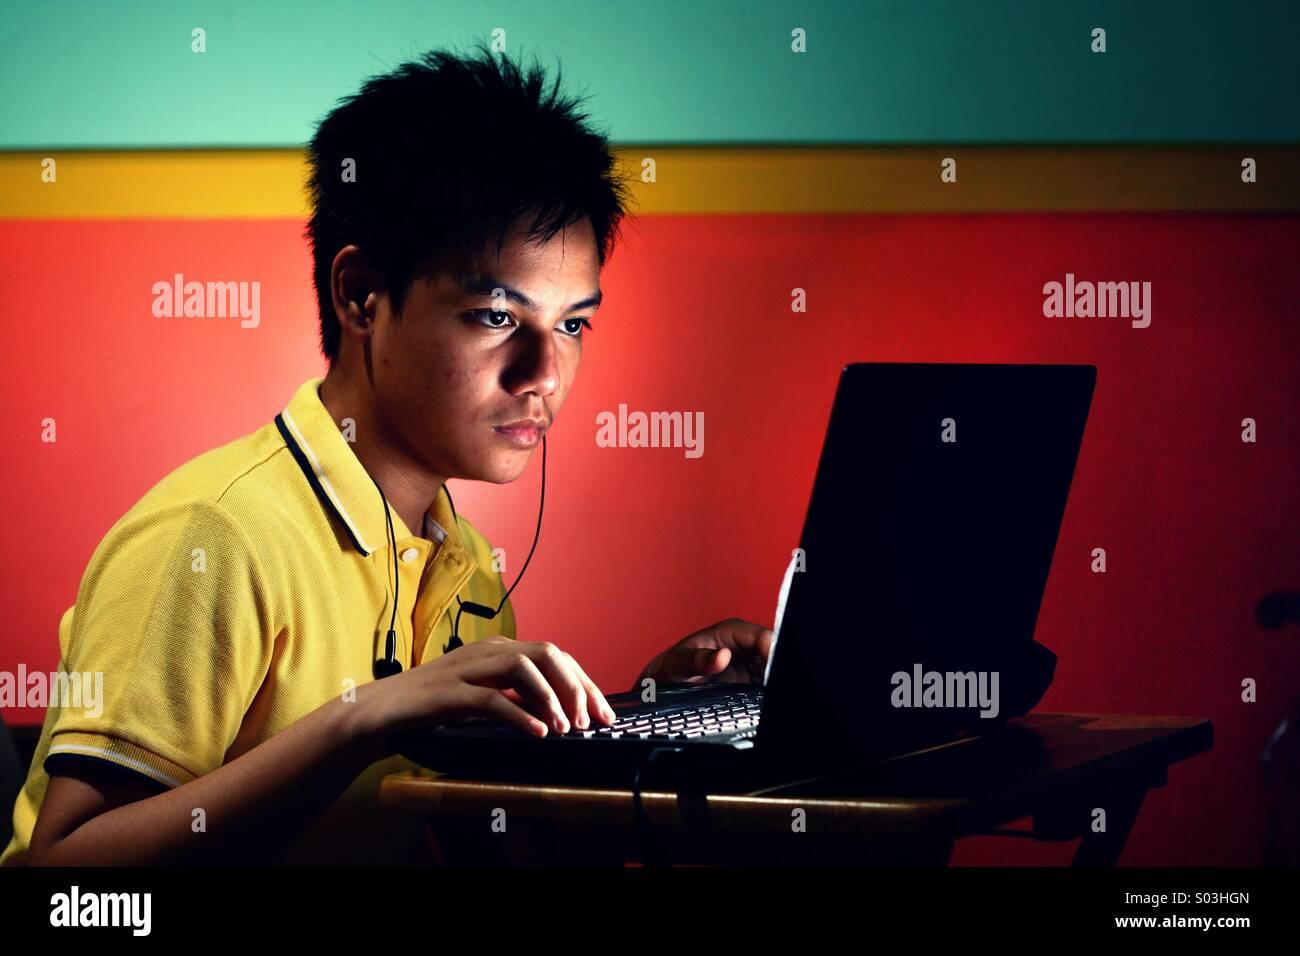 Asiatische Teenager Boy arbeiten oder studieren auf einem Laptopcomputer Stockbild